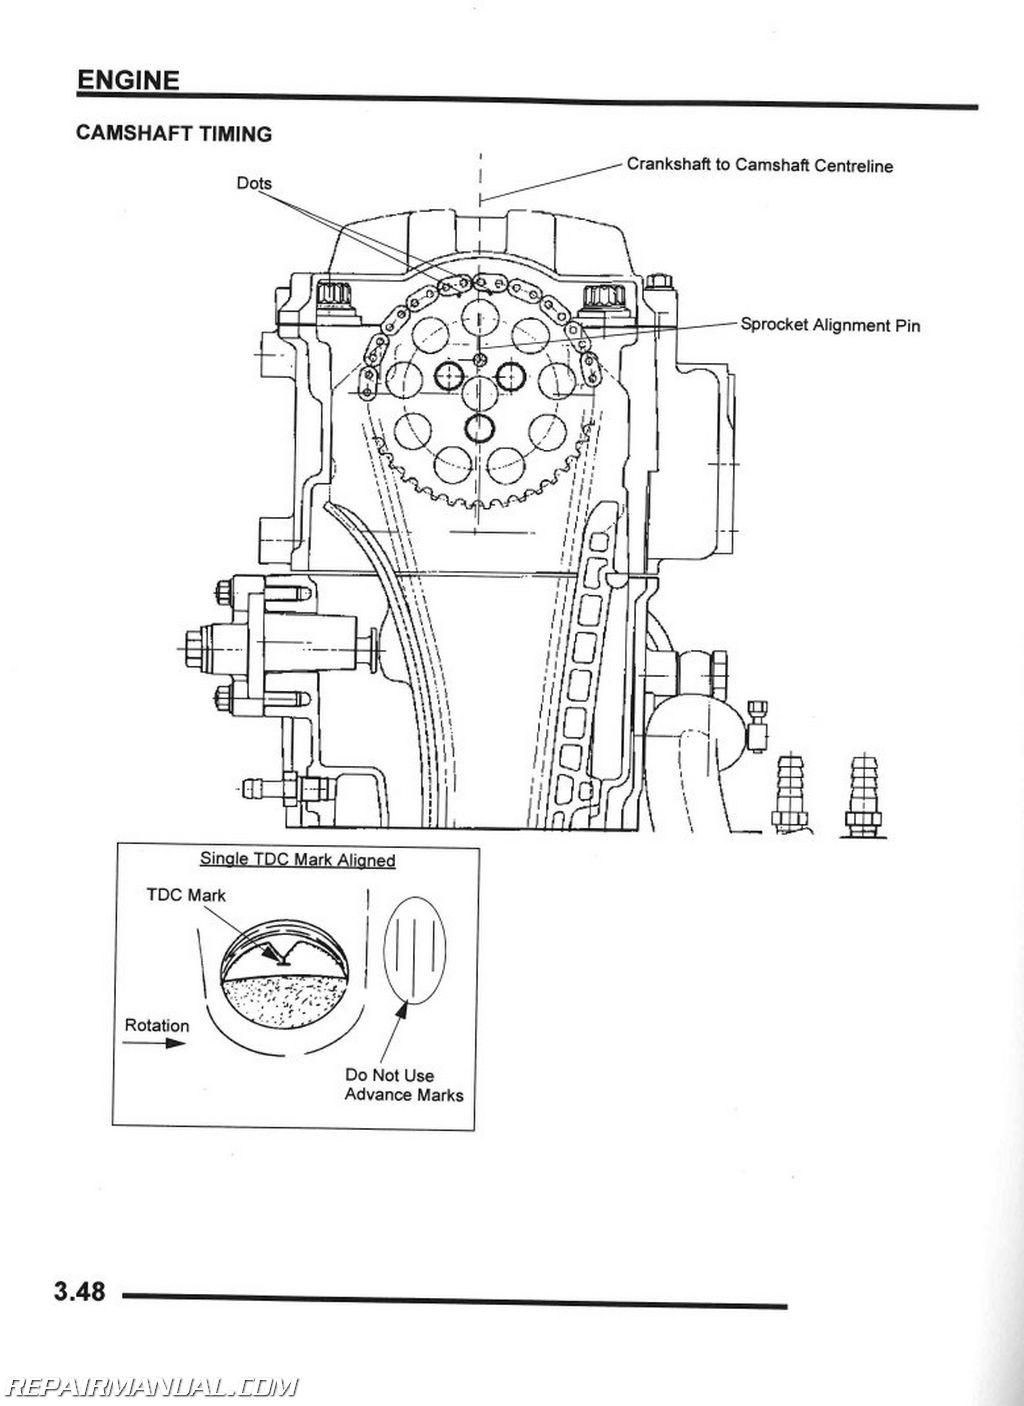 2008 sportsman 500 efi wiring diagram free download wiring 2008 polaris sportsman 800 wiring diagram the best wiring 4e engine efi wiring 87 mustang wiring diagram atv wiring diagram sciox Images